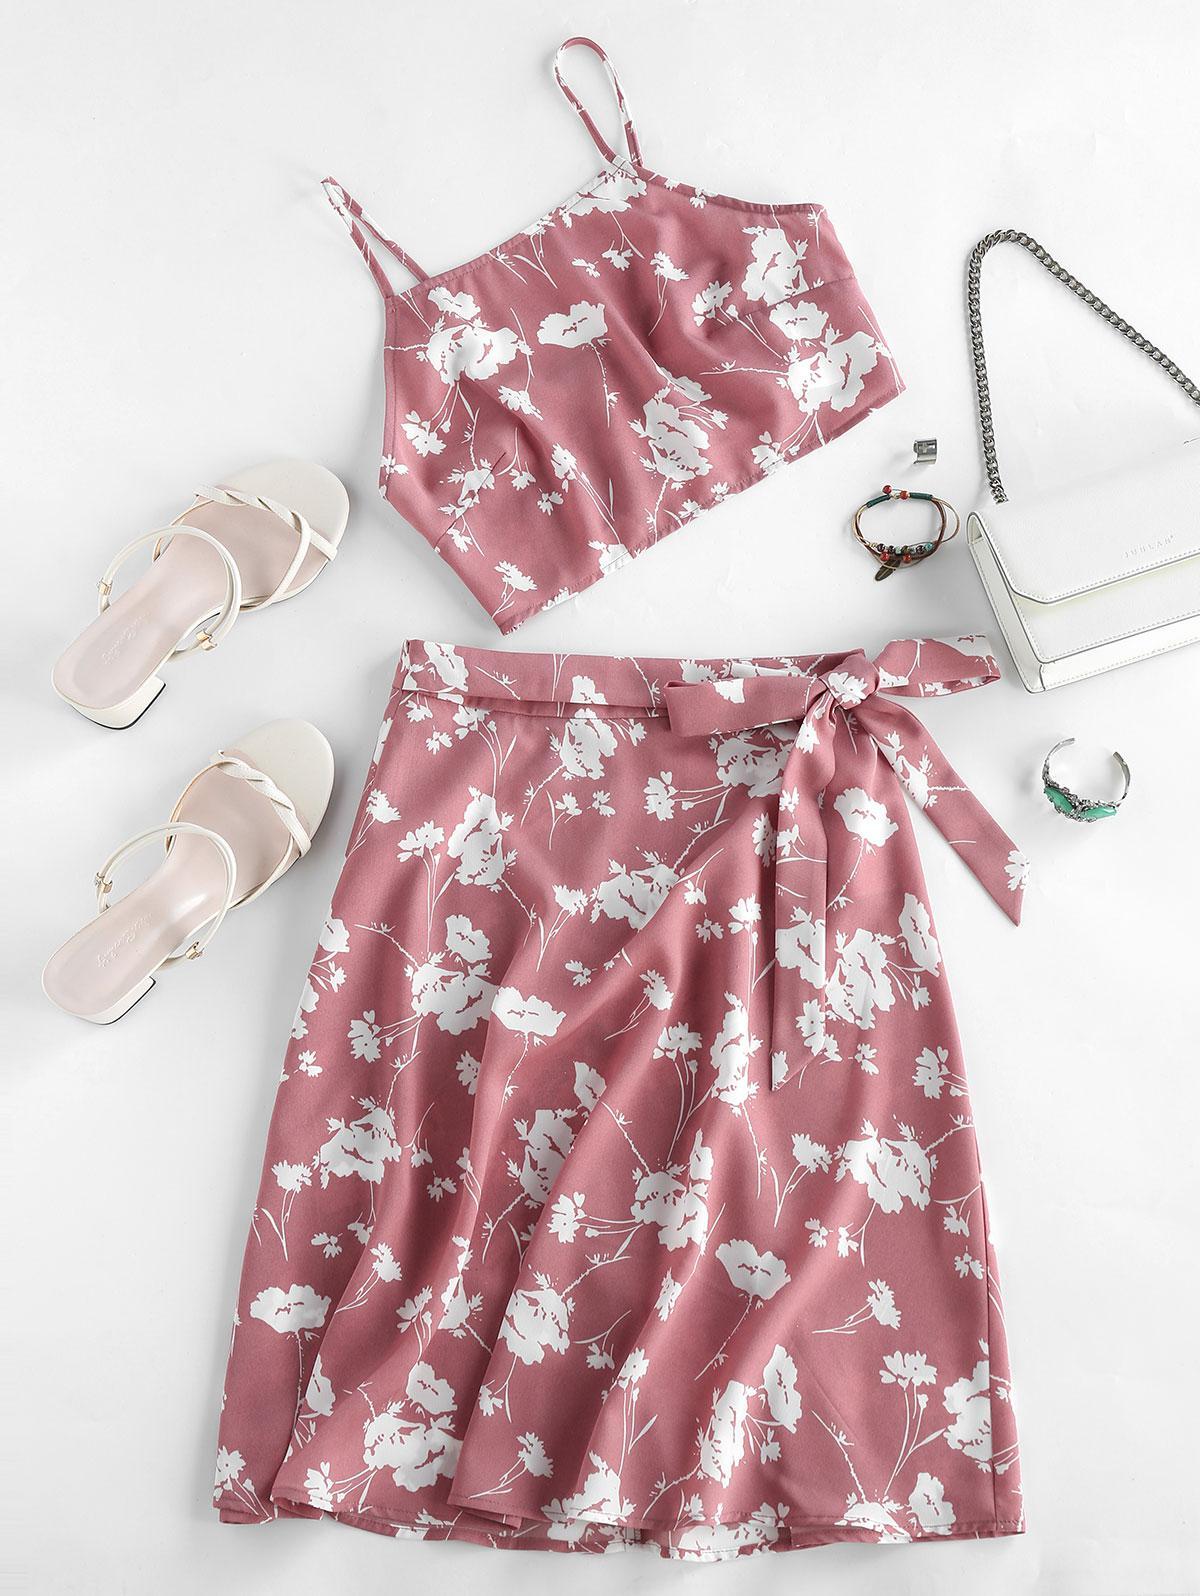 ZAFUL Flower Print Cami Tie Two Piece Skirt Set